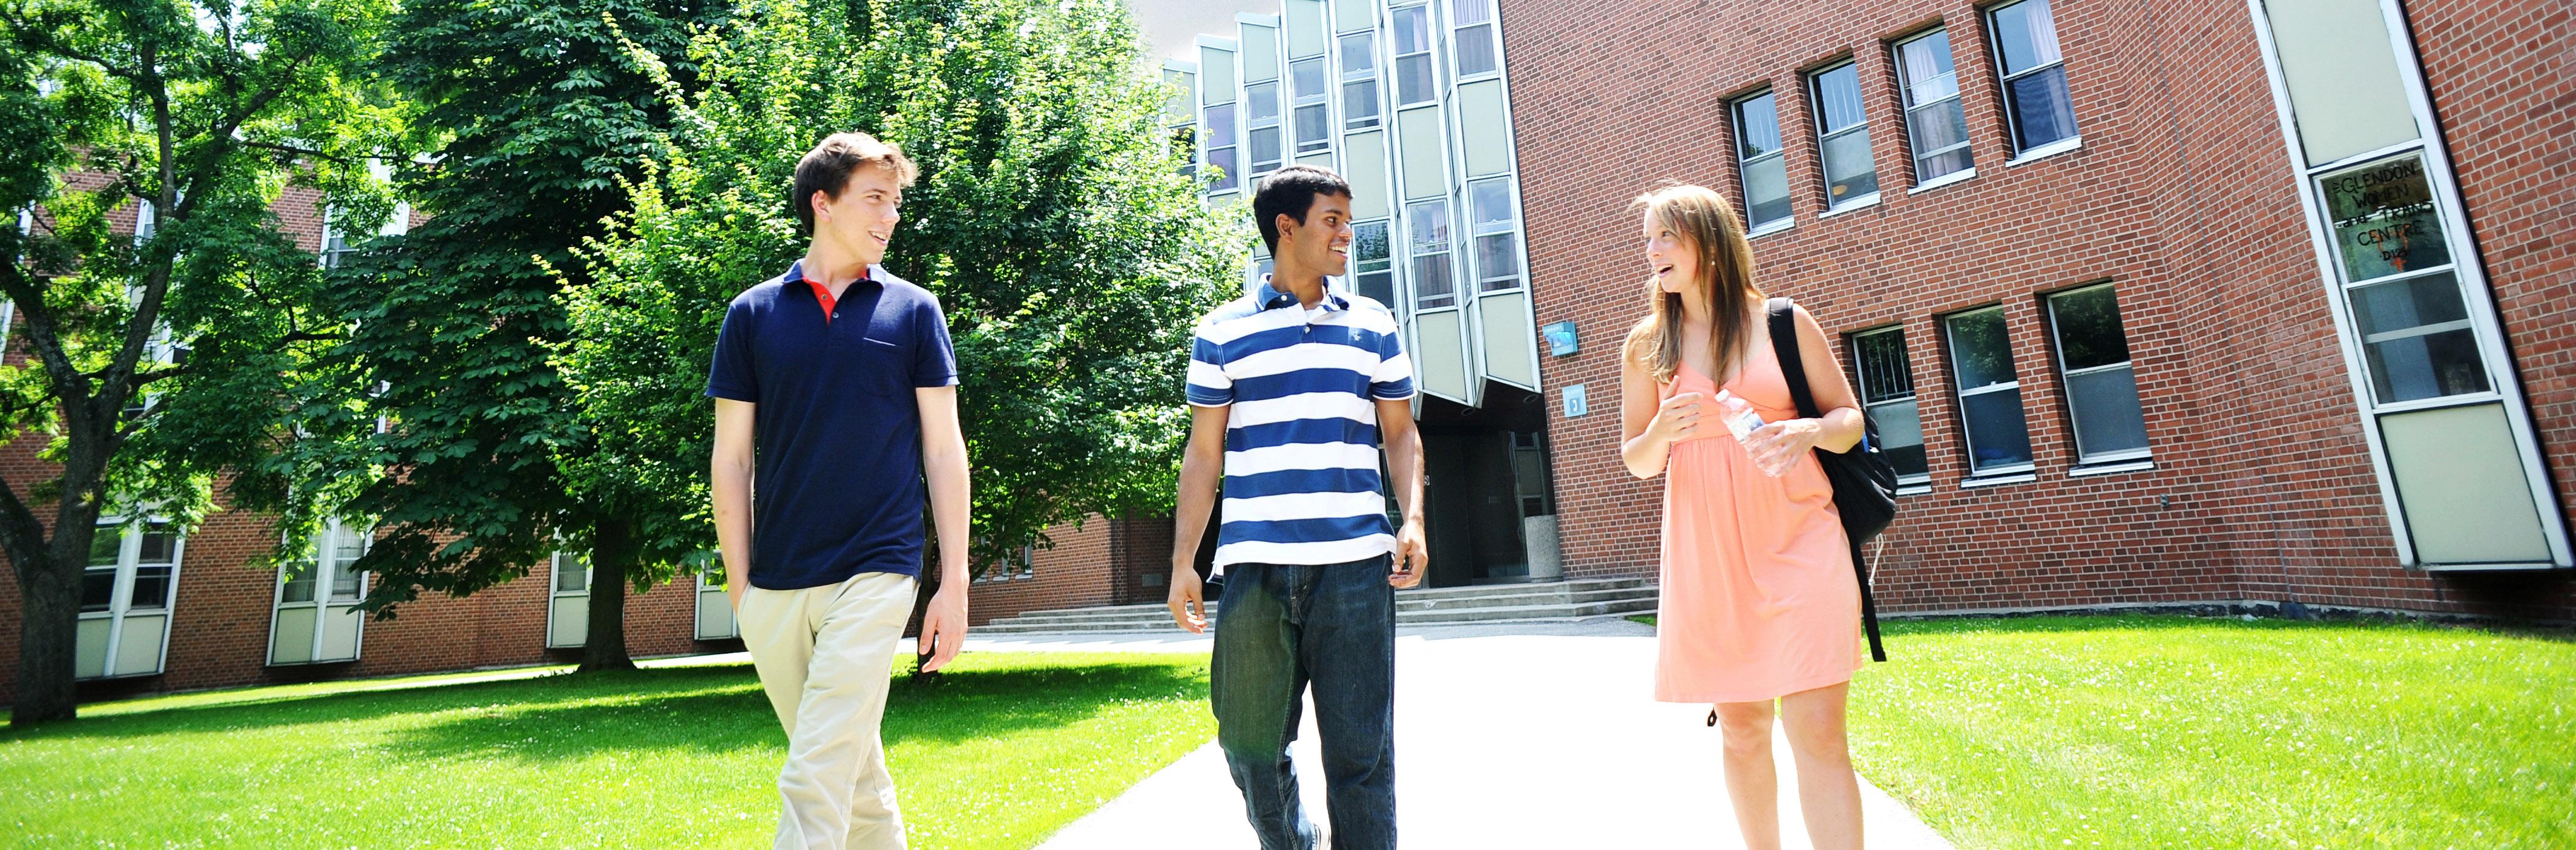 Trois etudiants marchant sur le campus